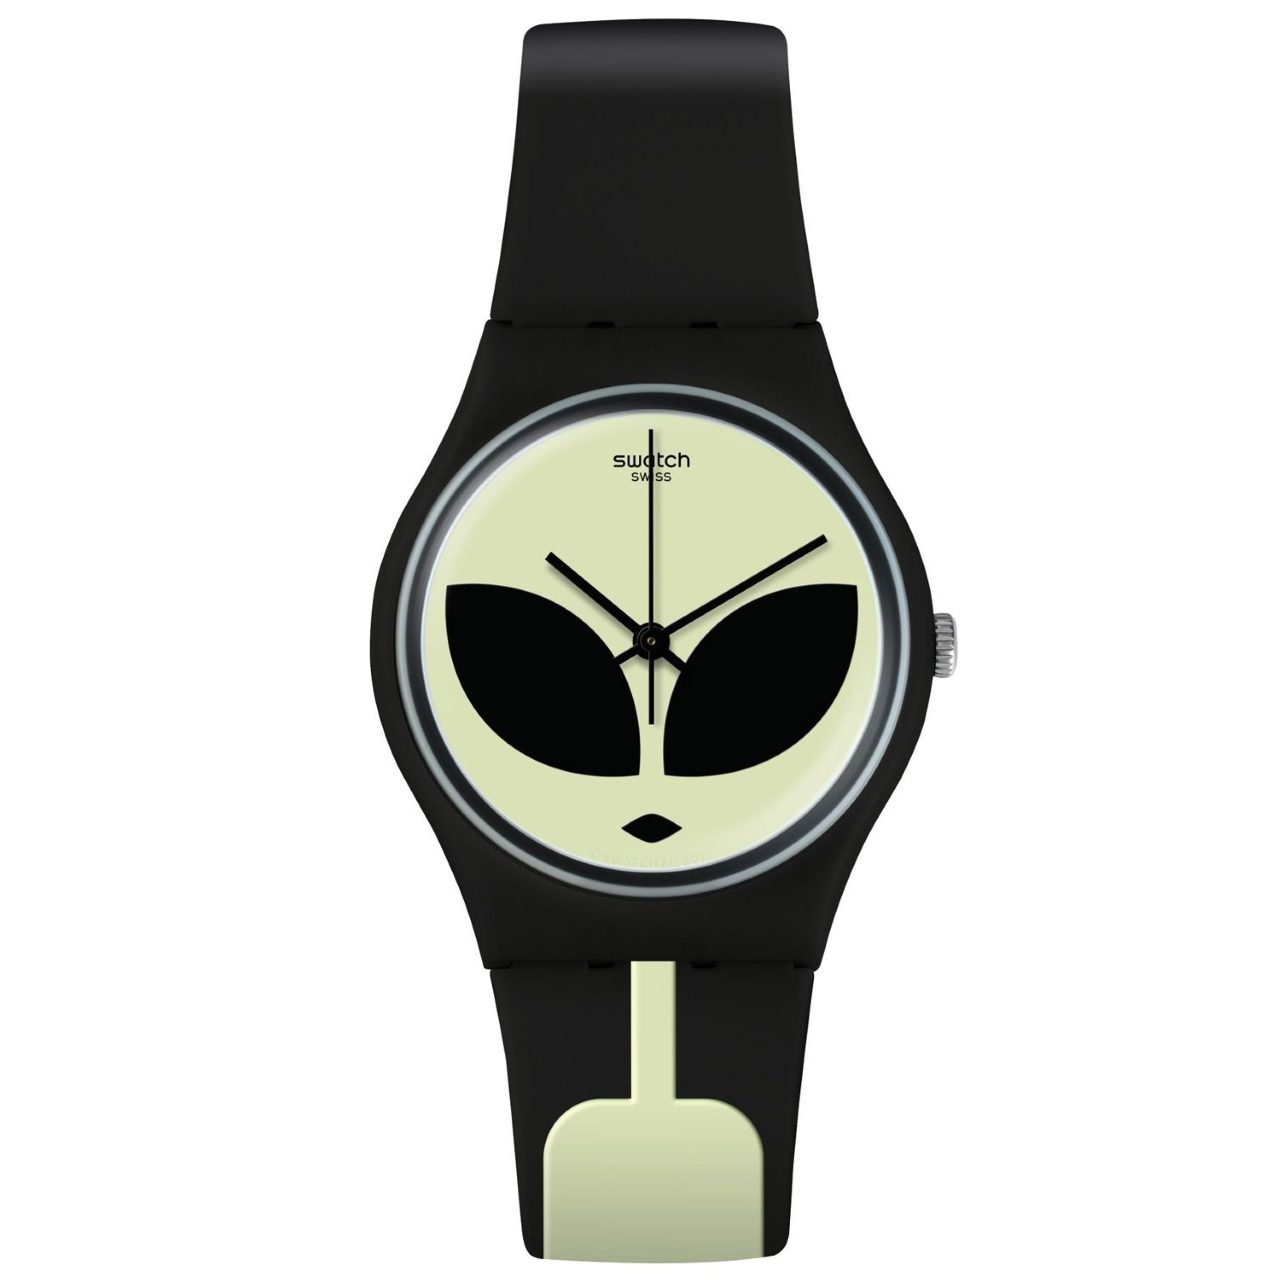 ساعت مچی عقربه ای زنانه سواچ مدل GB307 26